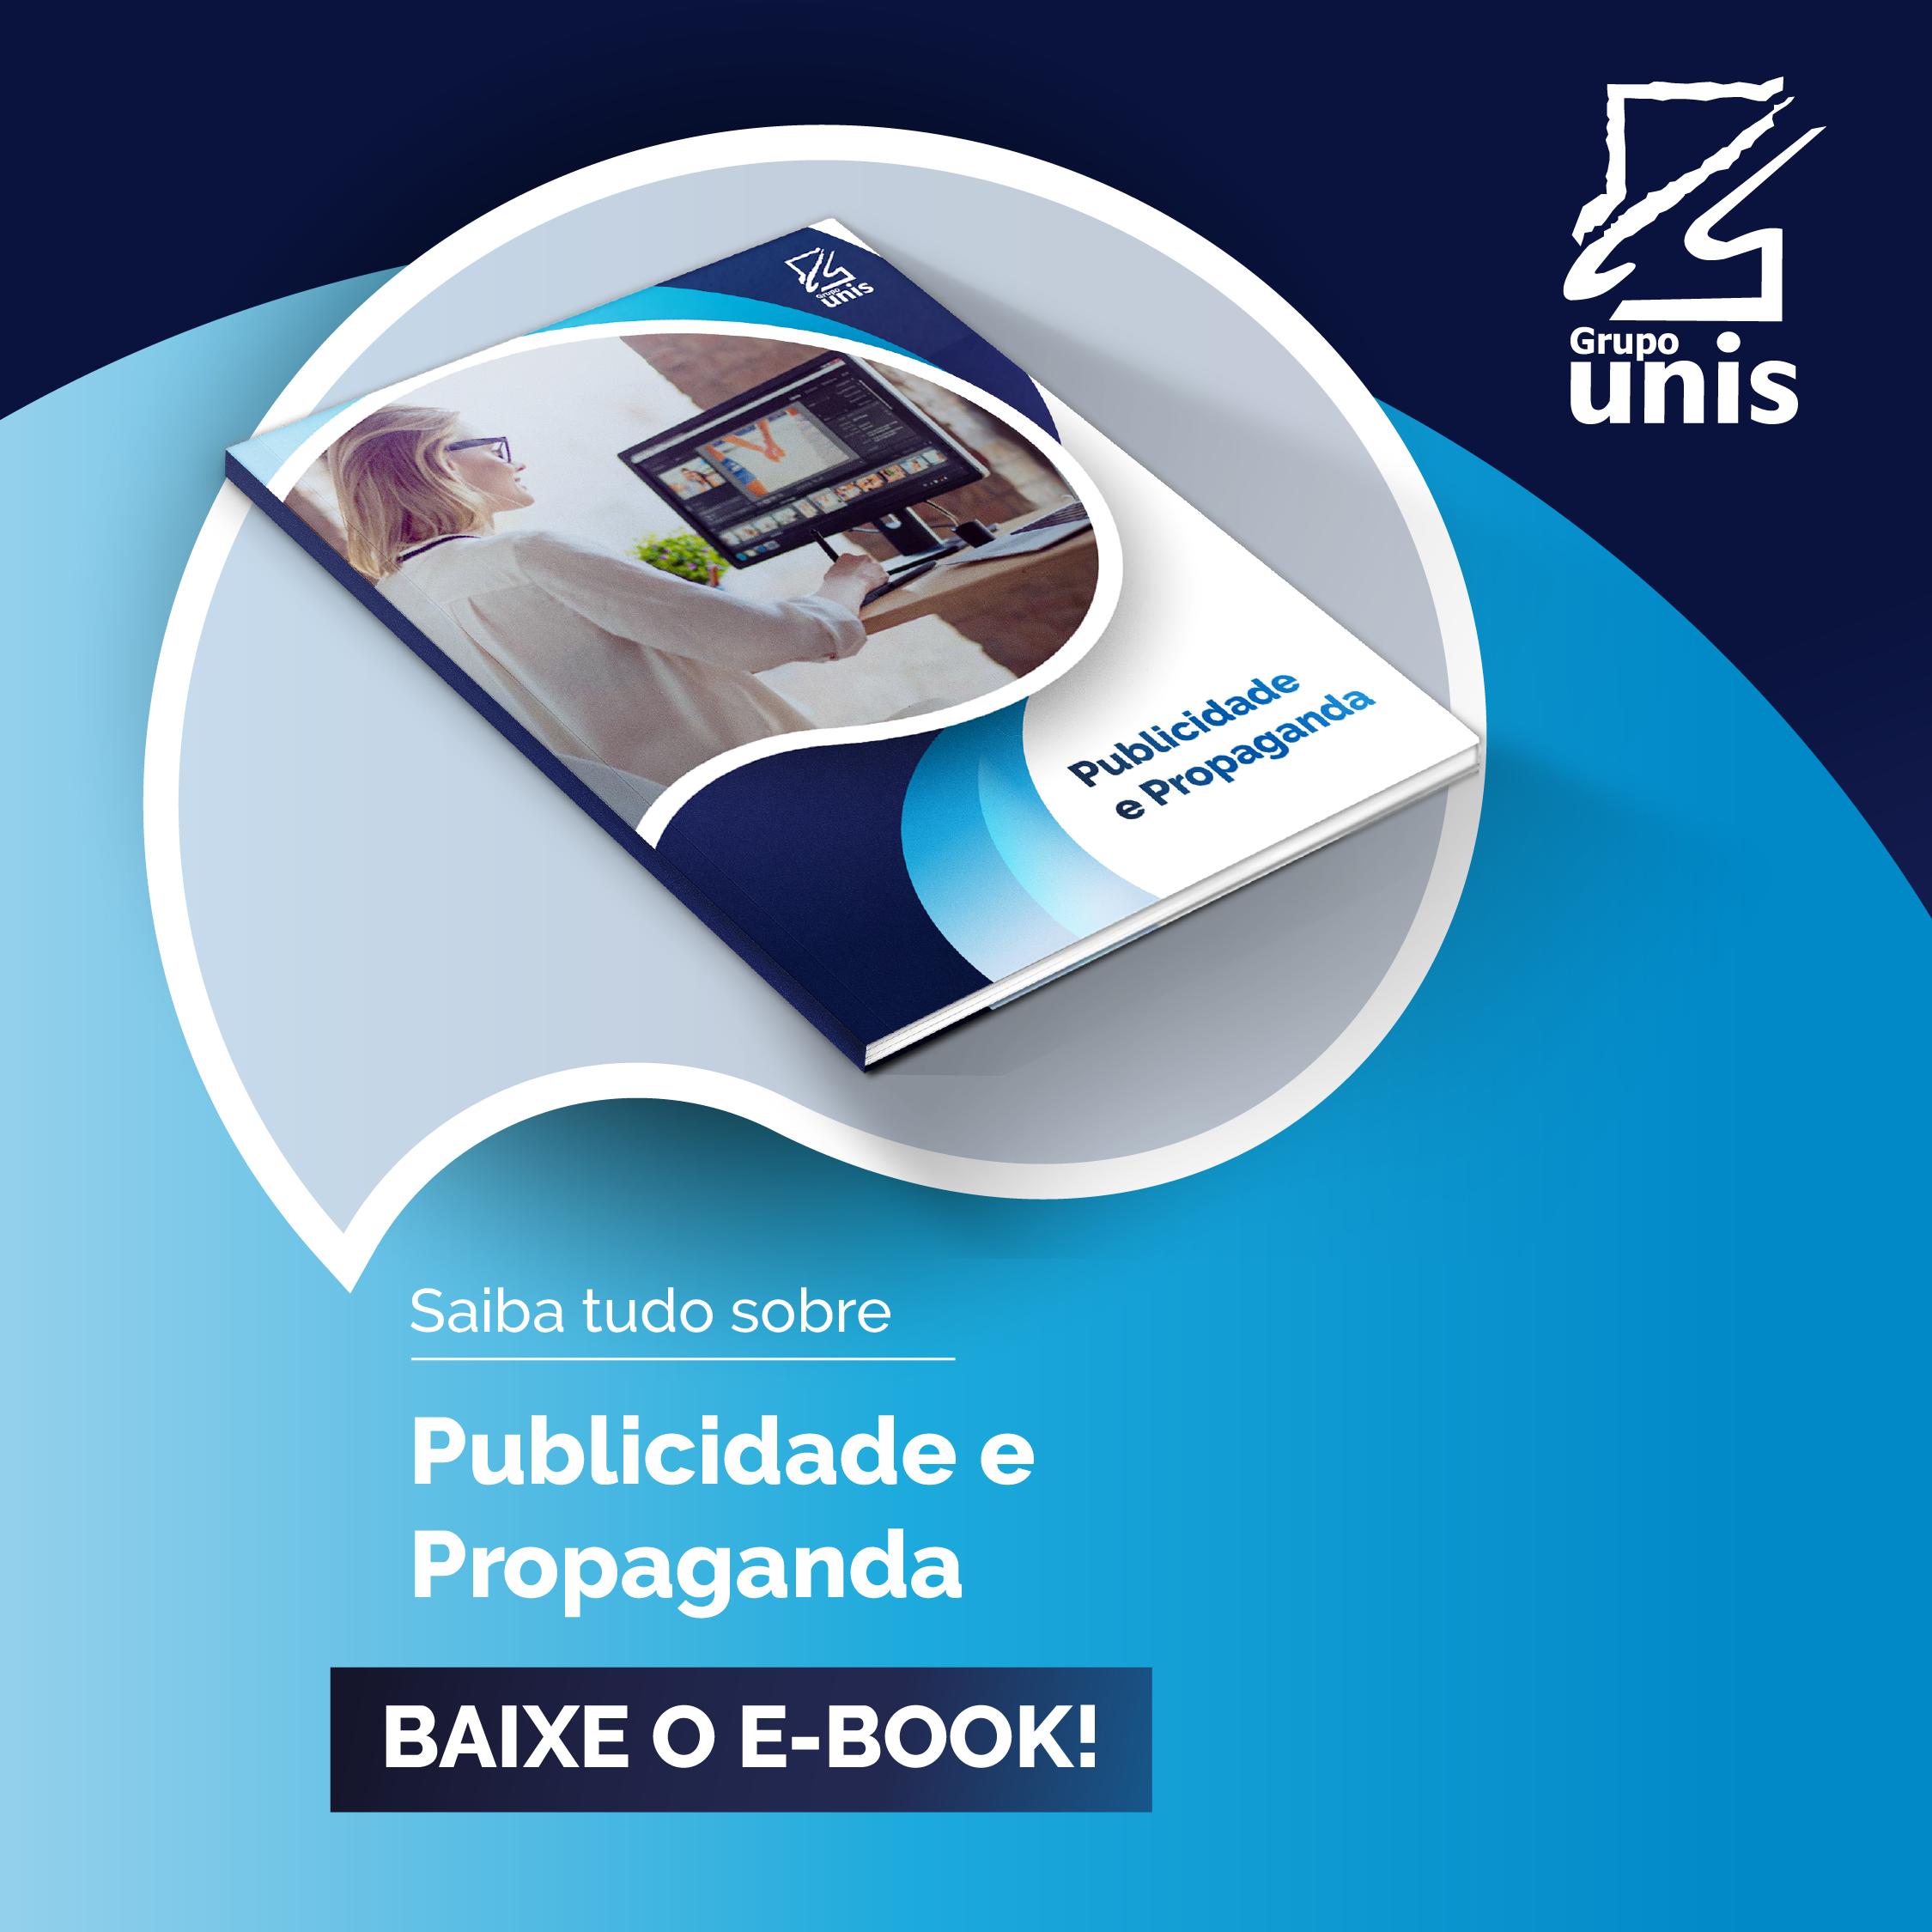 Peças_UNIS_Pub e Prop_Insta_1080x1080px